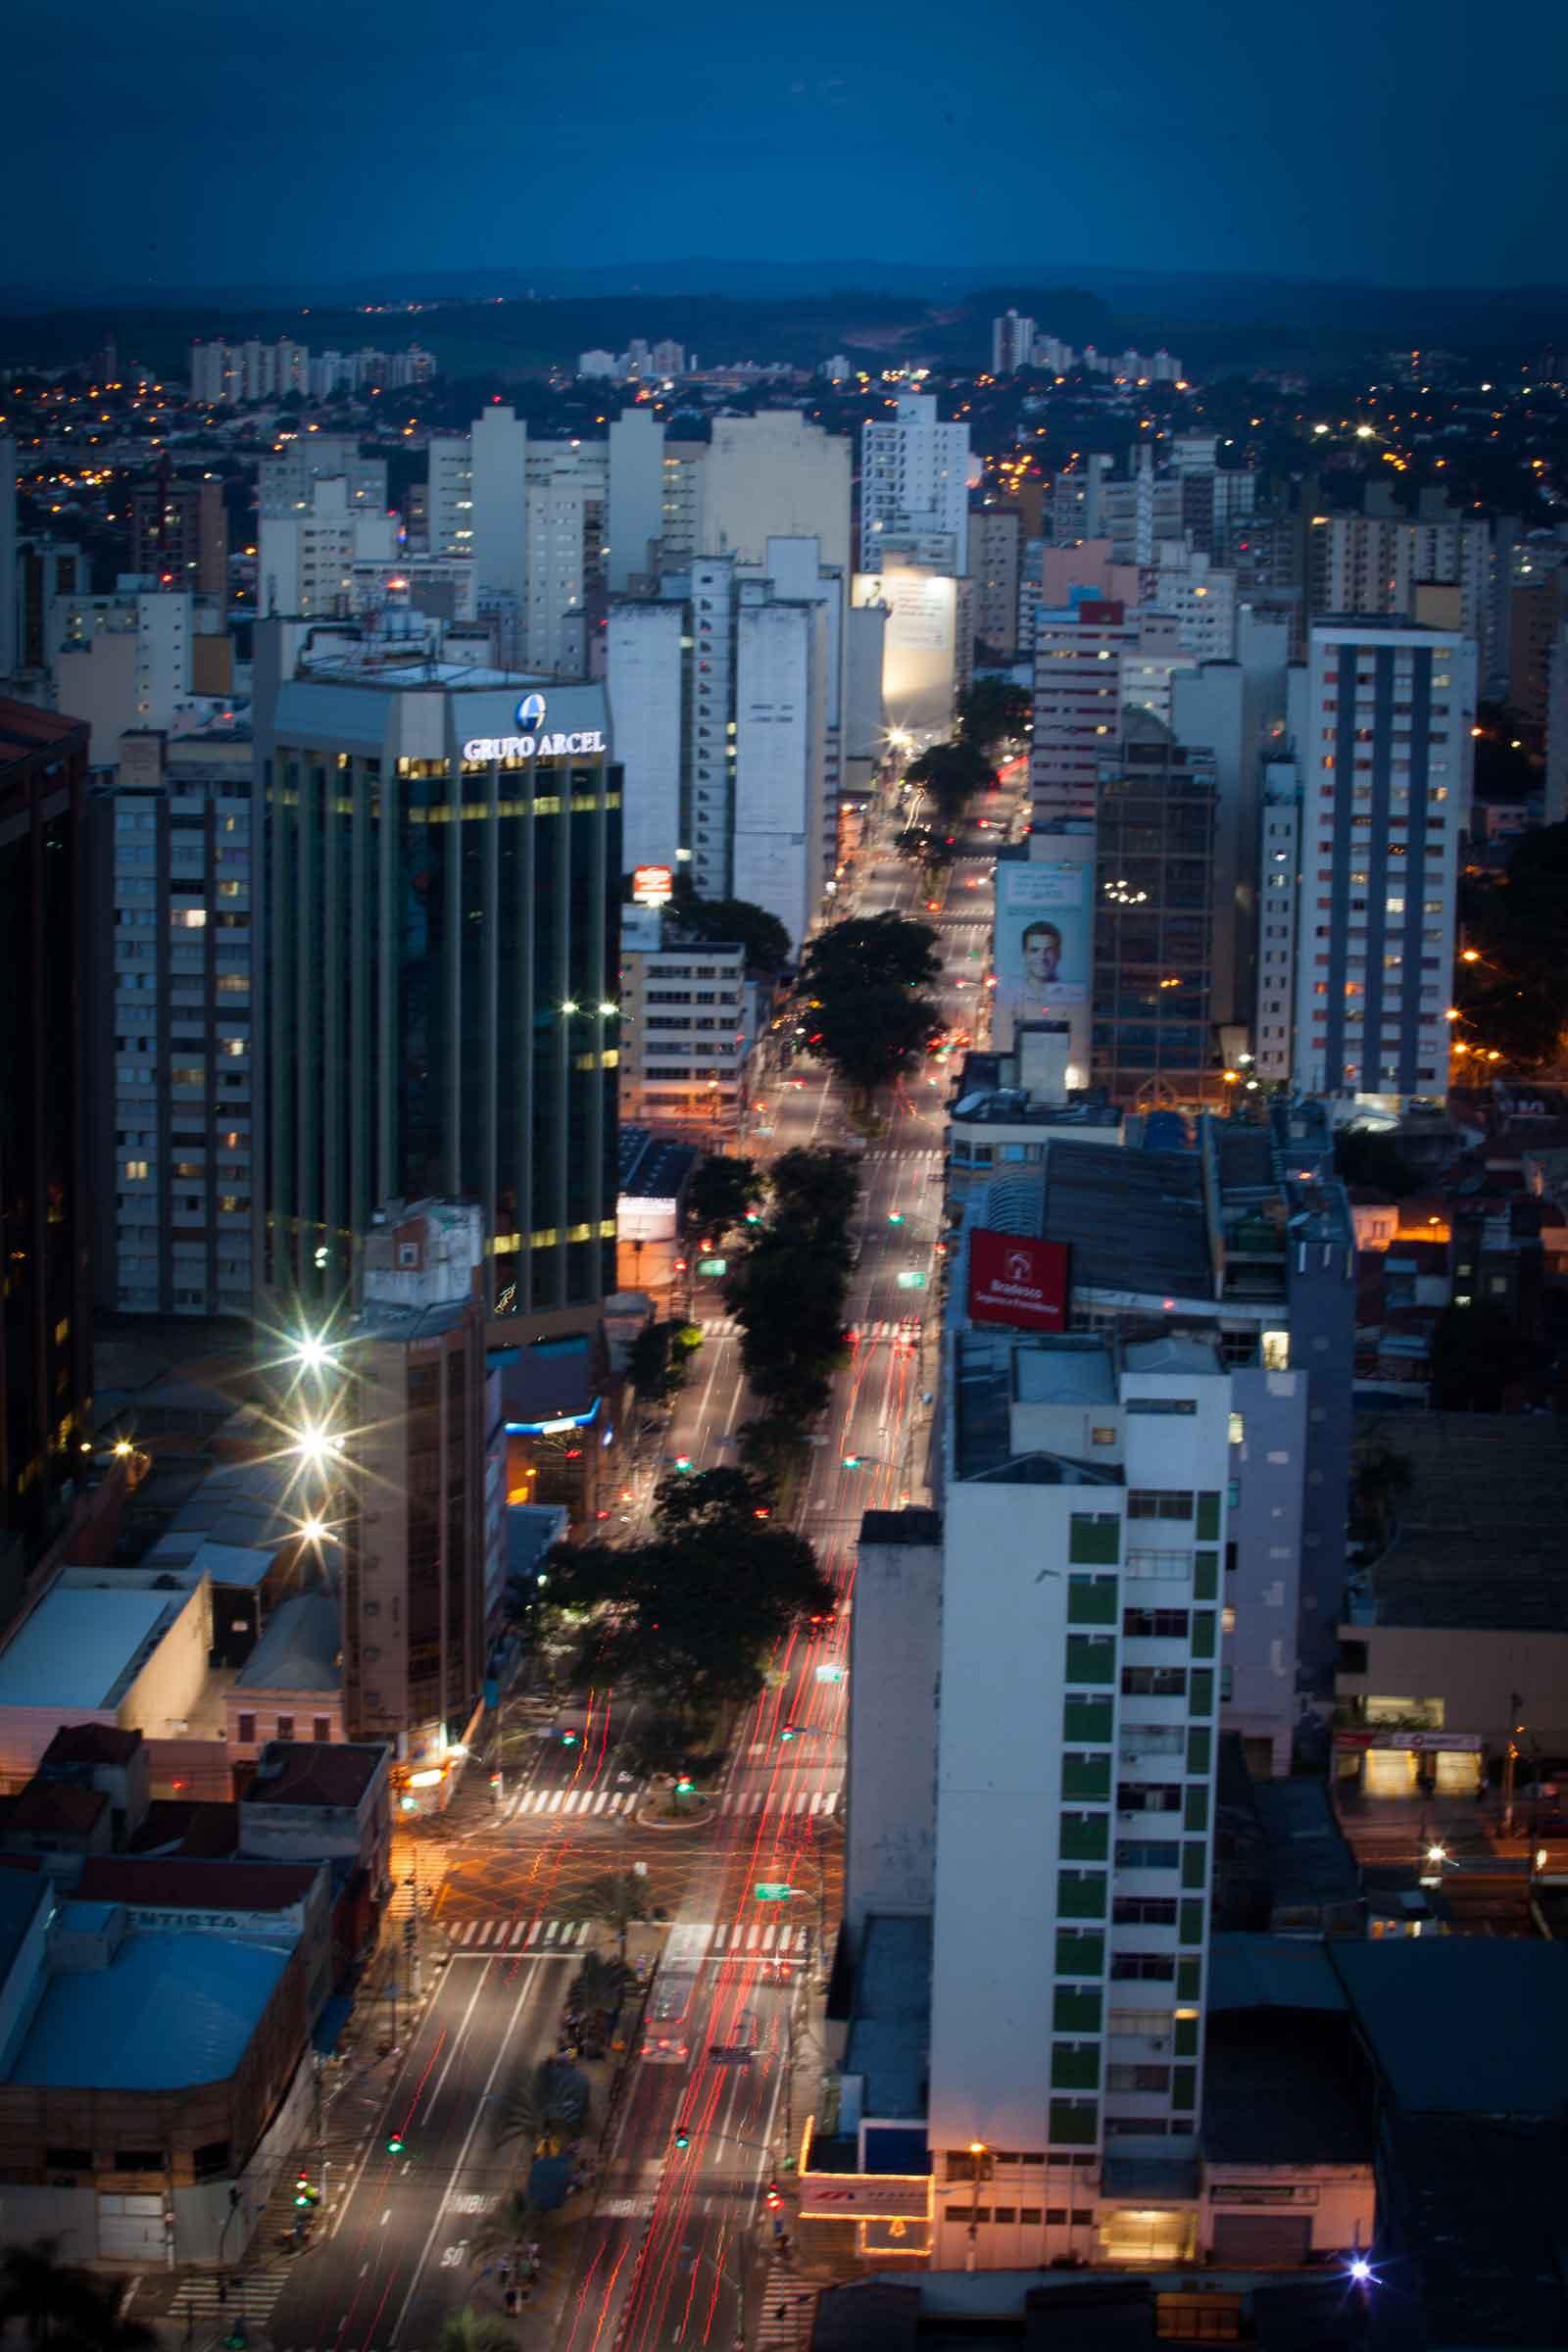 Ricardo-Lima-Campinas-14-bx